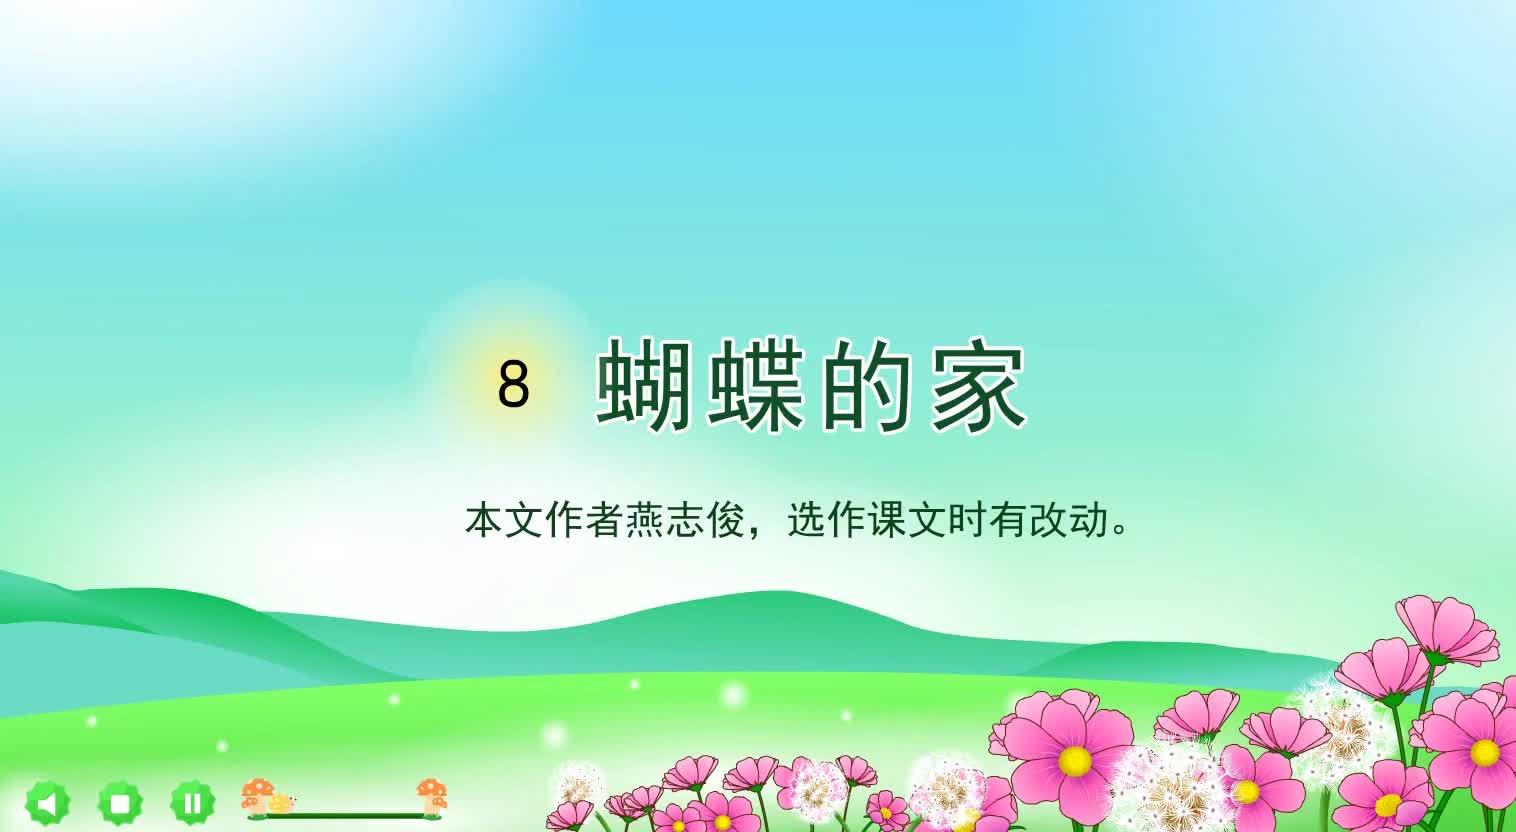 人教部编版语文四年级上册《8蝴蝶的家 》情景动画朗读.mp4